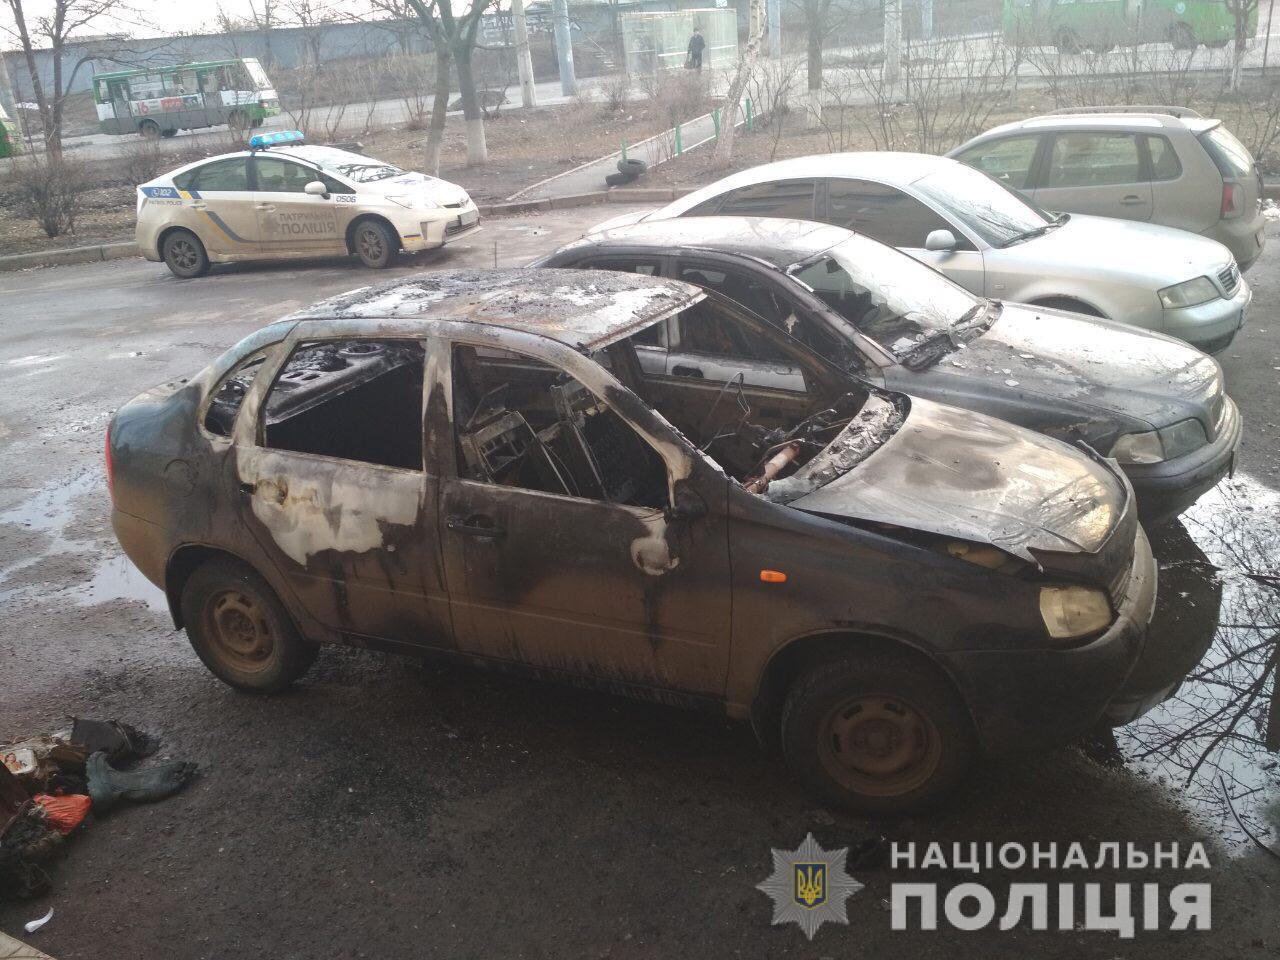 авто, кримінальні новини Харкова